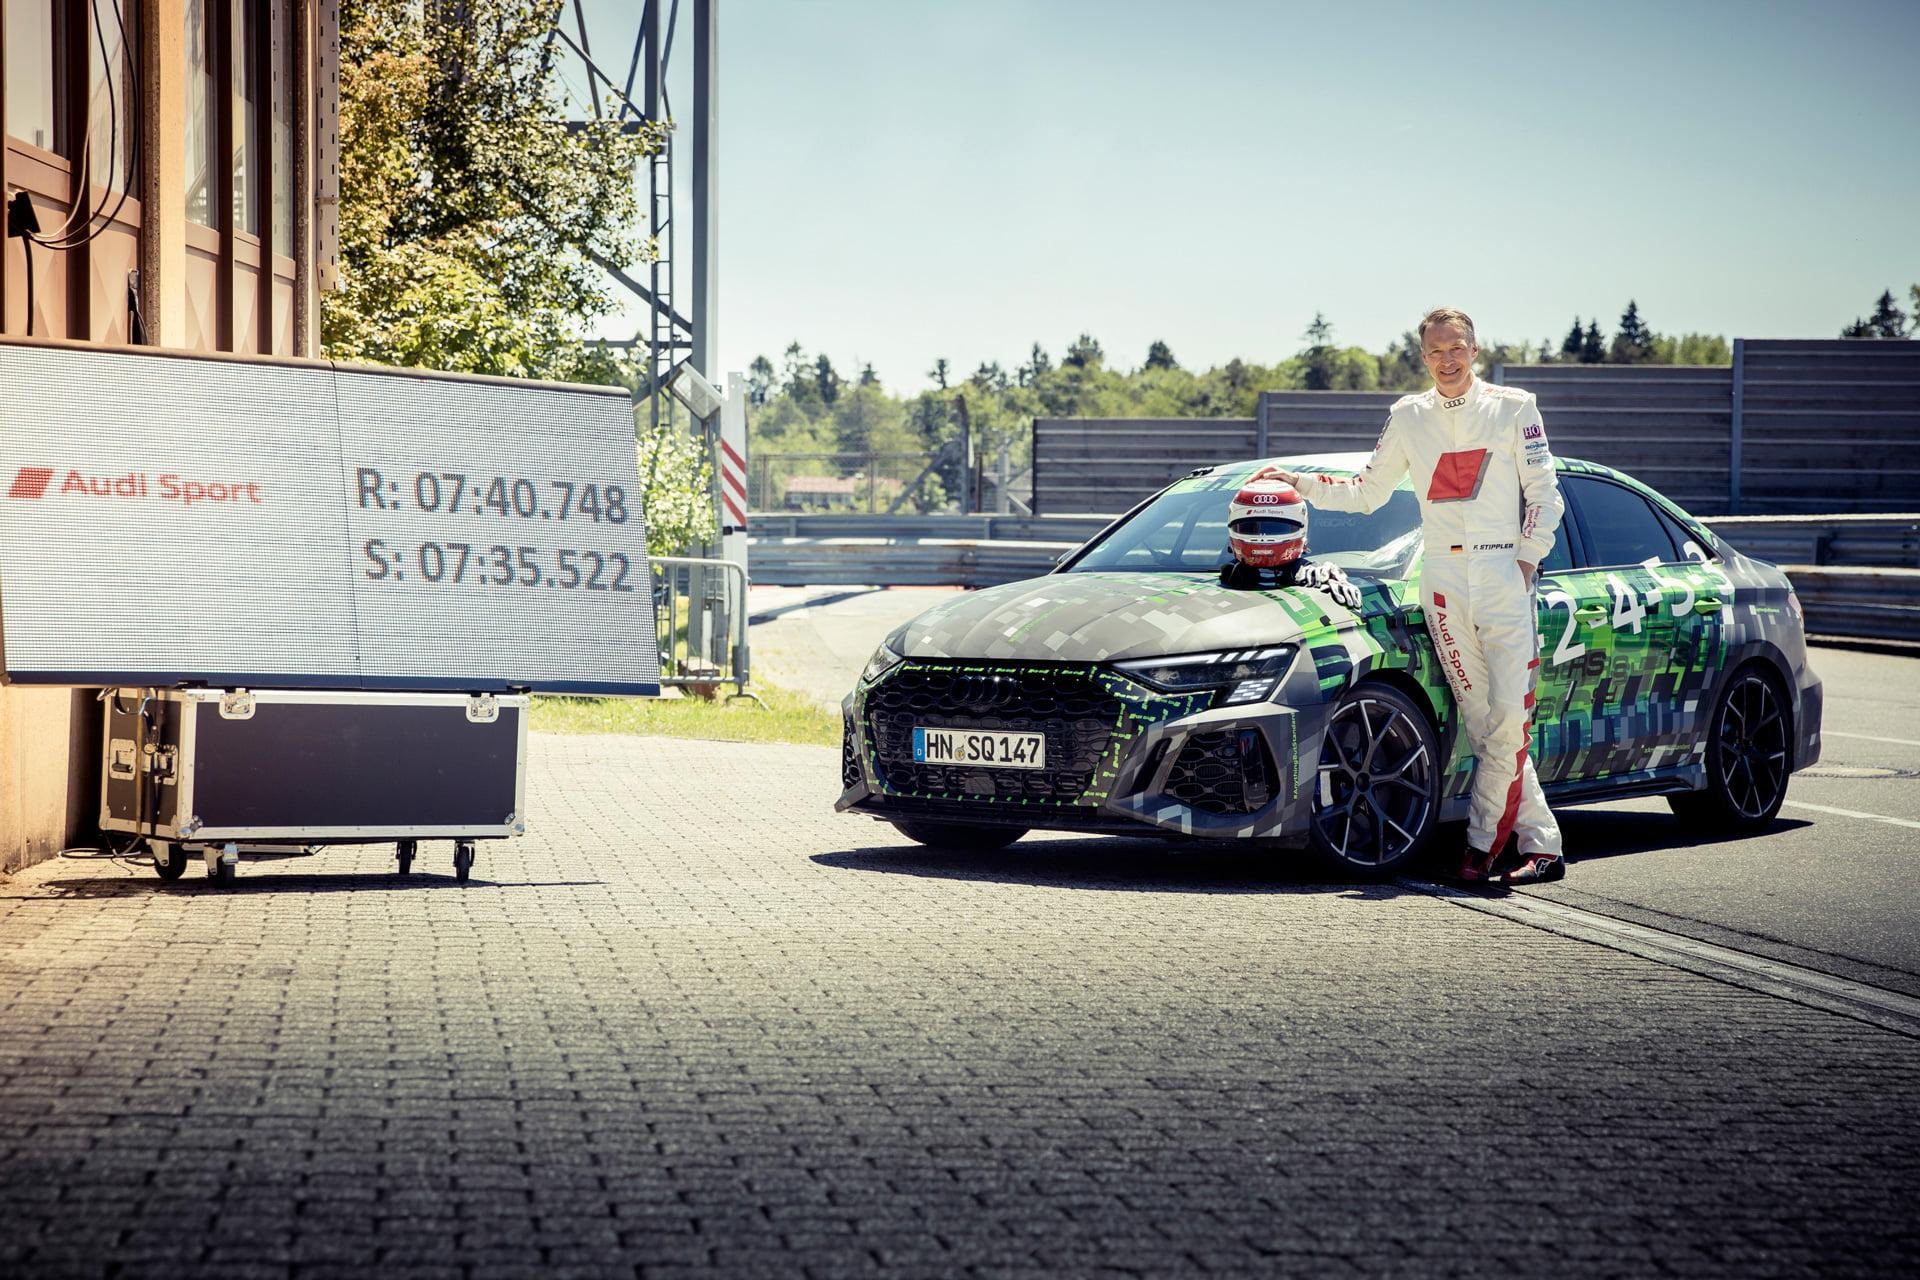 Frank Stippler, piloto de carreras y probador de Audi Sport estuvo al volante para conseguir el récord con el nuevo Audi RS 3